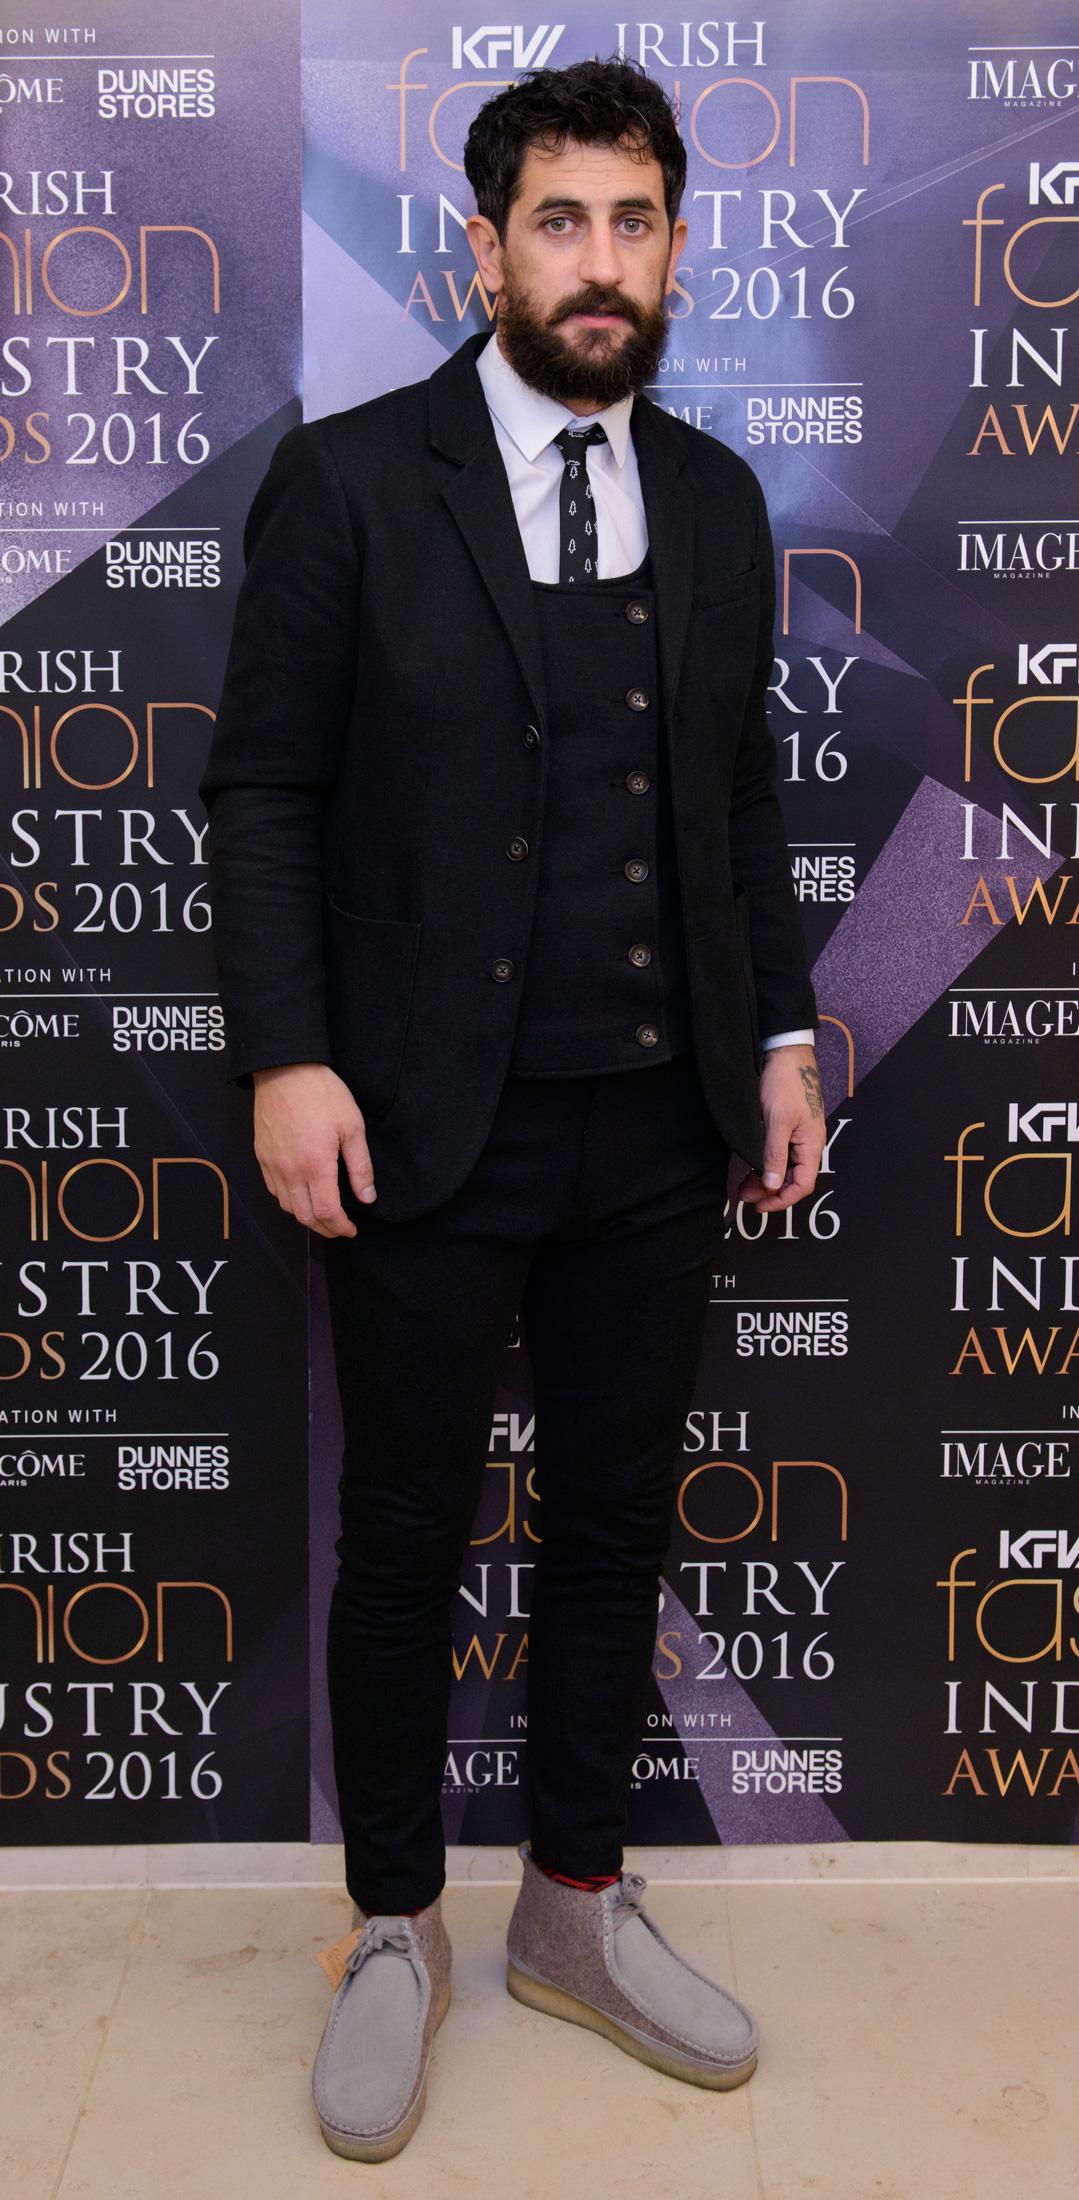 KFW16_Irish Fashion Industry Awards_9961.JPG